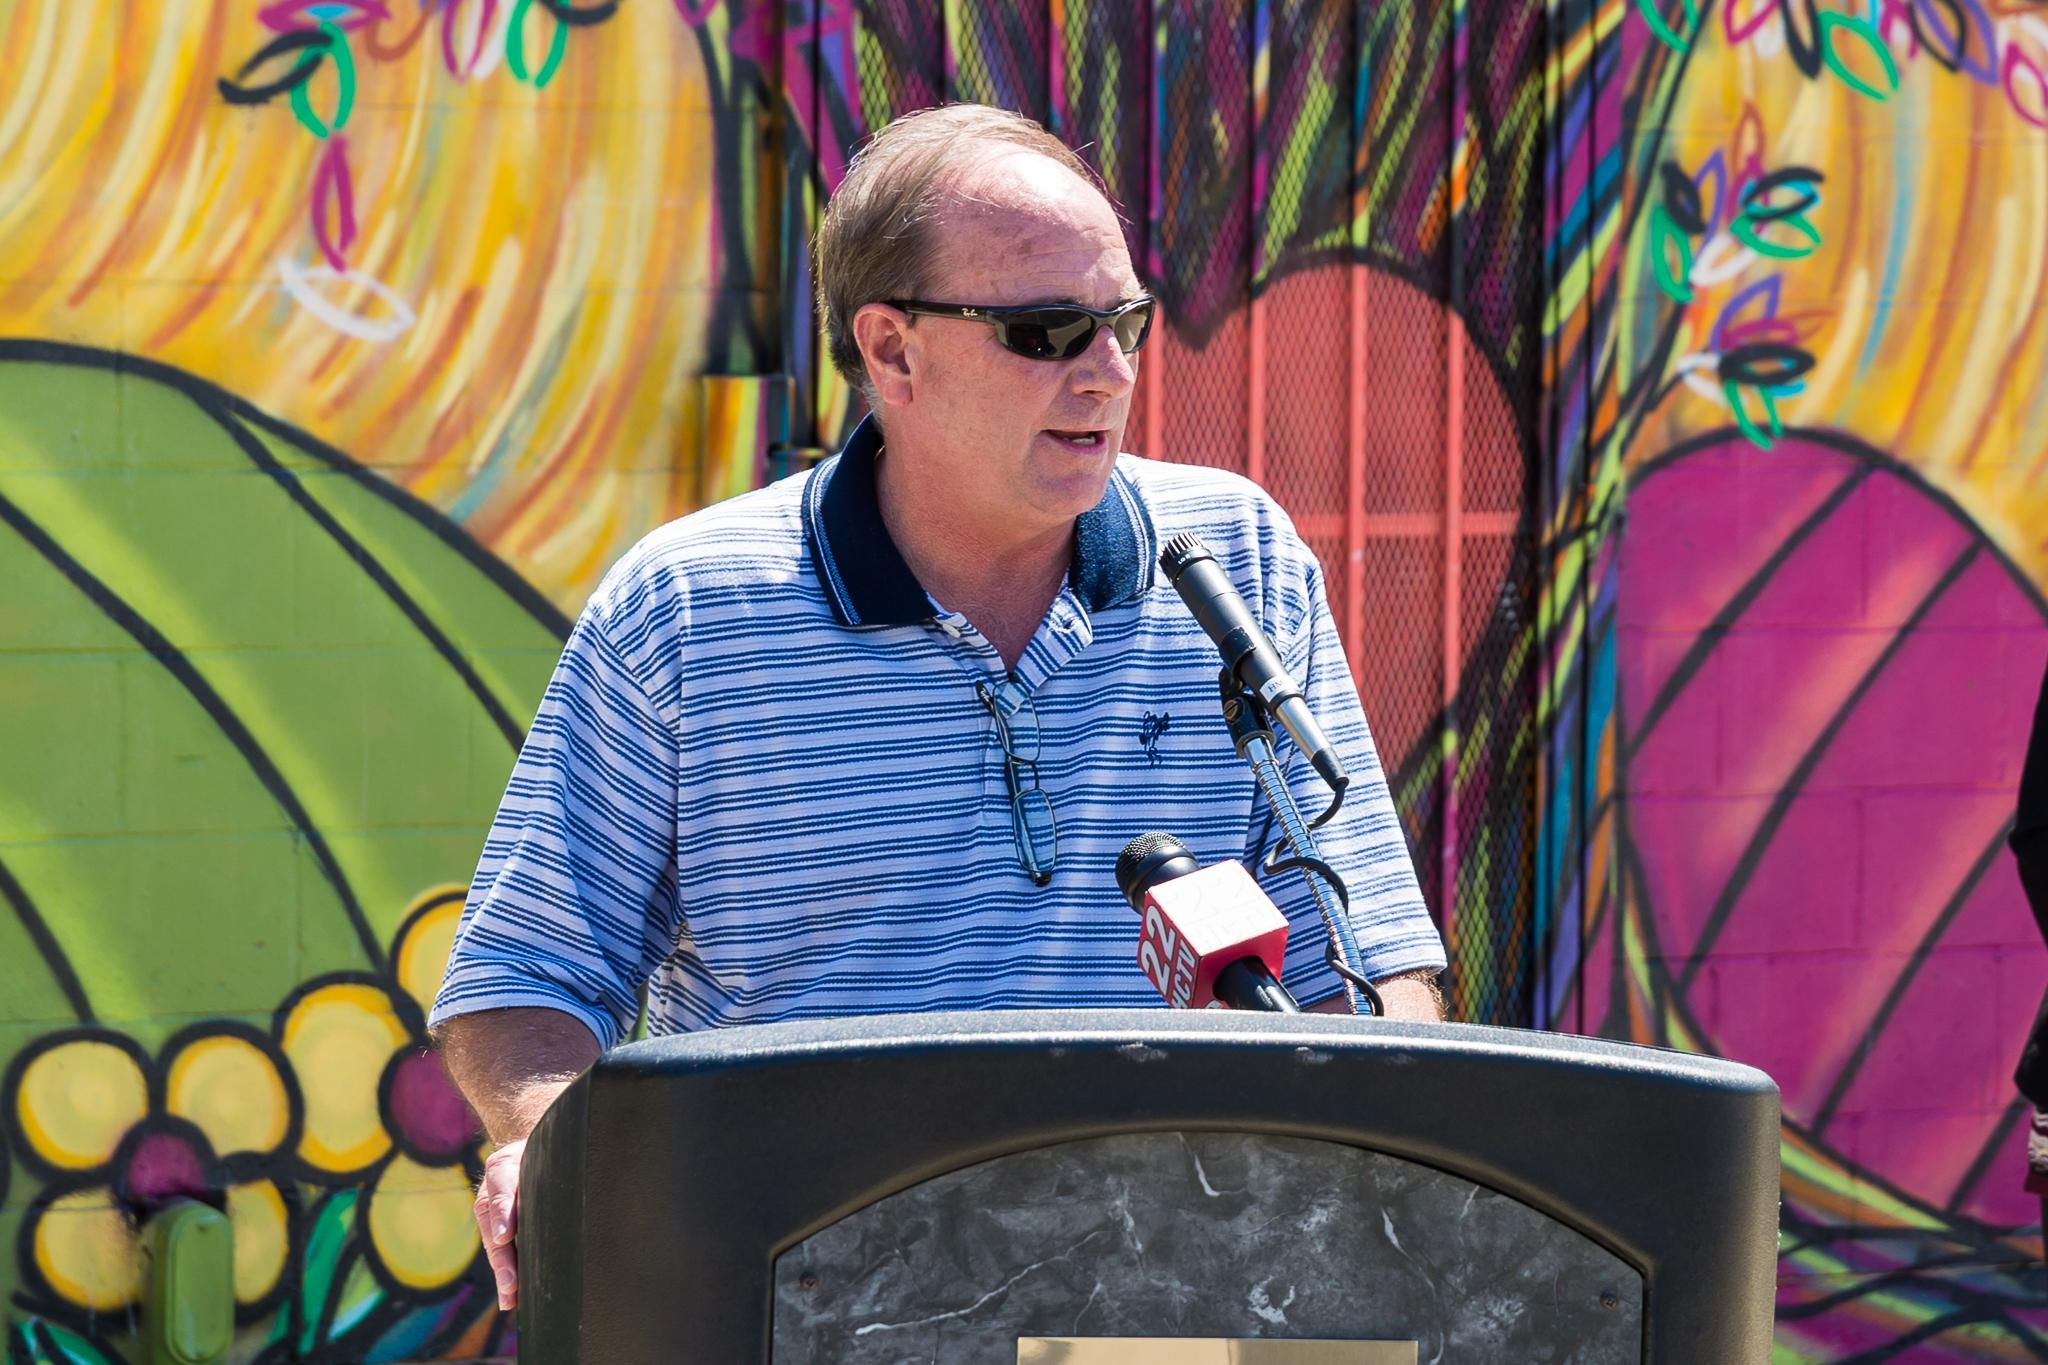 Parks Director Mark Hardison